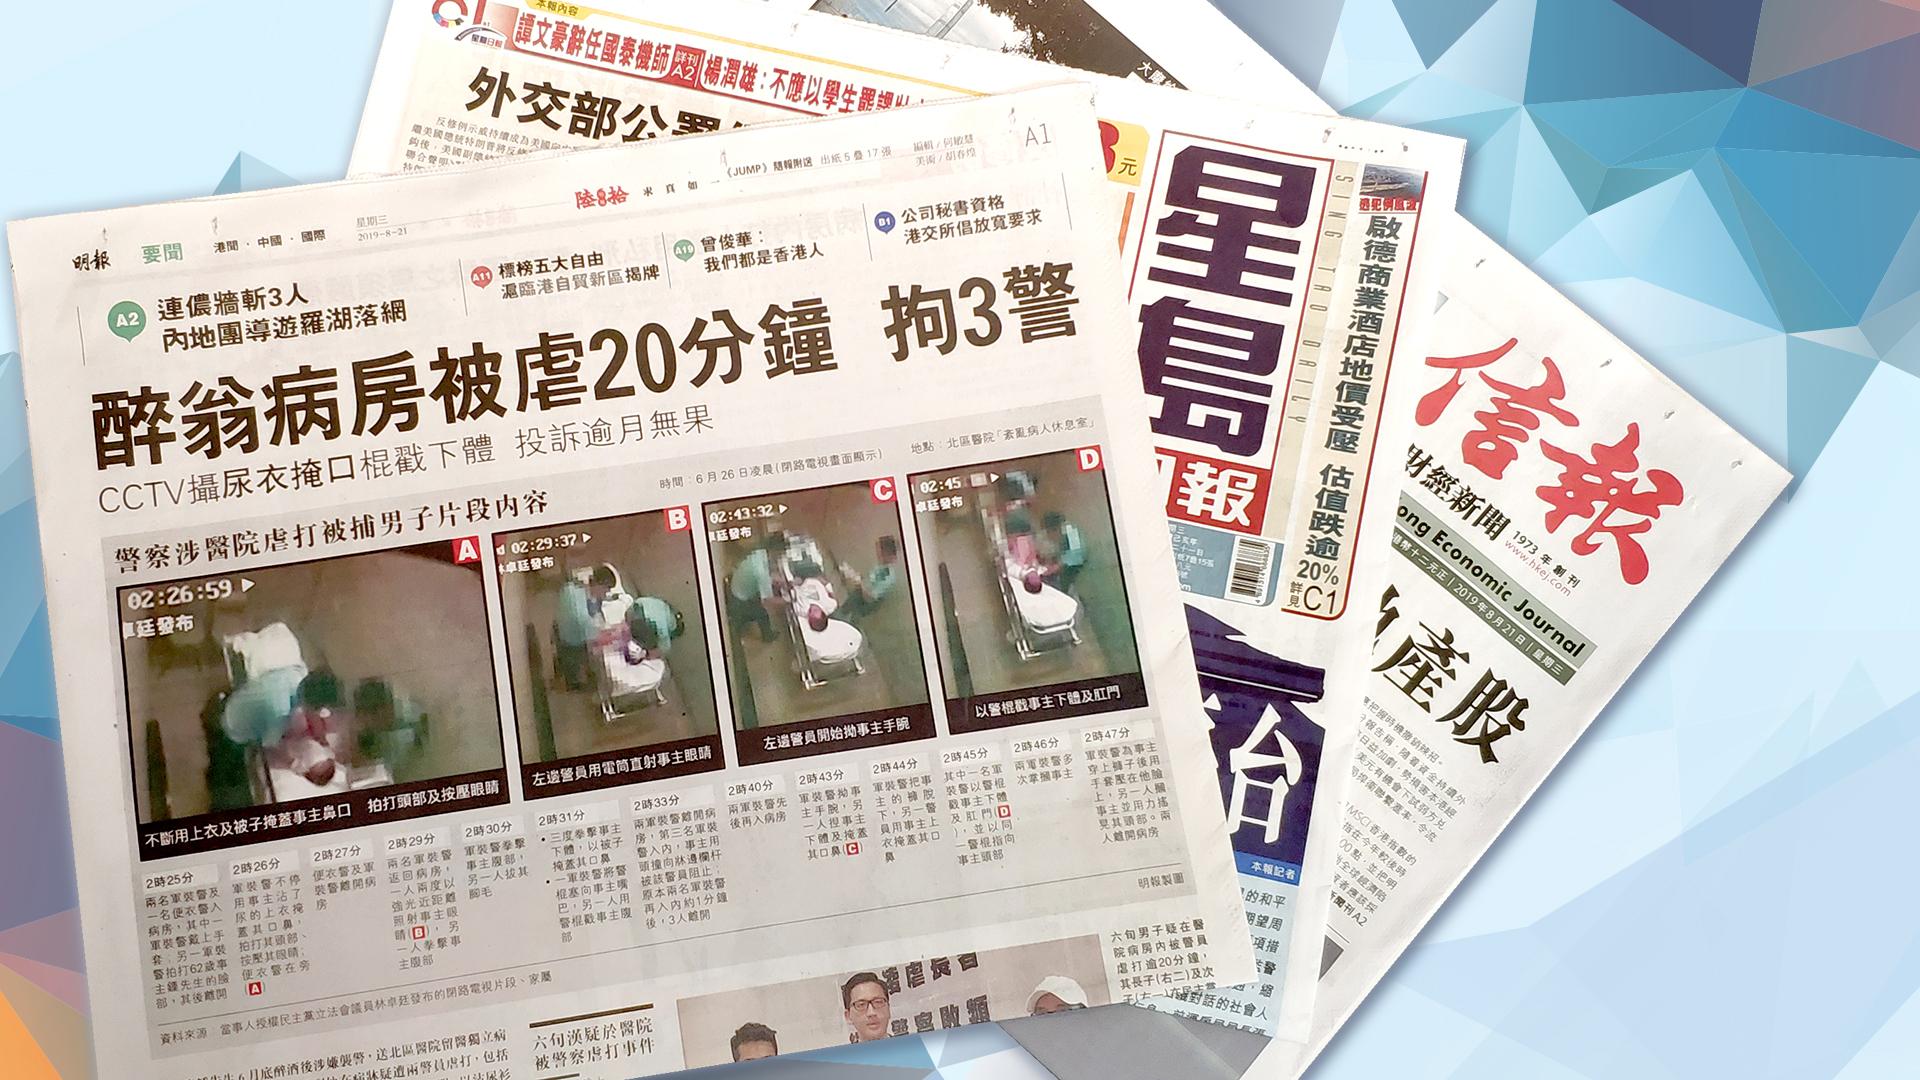 【報章A1速覽】醉翁病房被虐20分鐘 拘3警:林鄭邀政教名人建對話平台